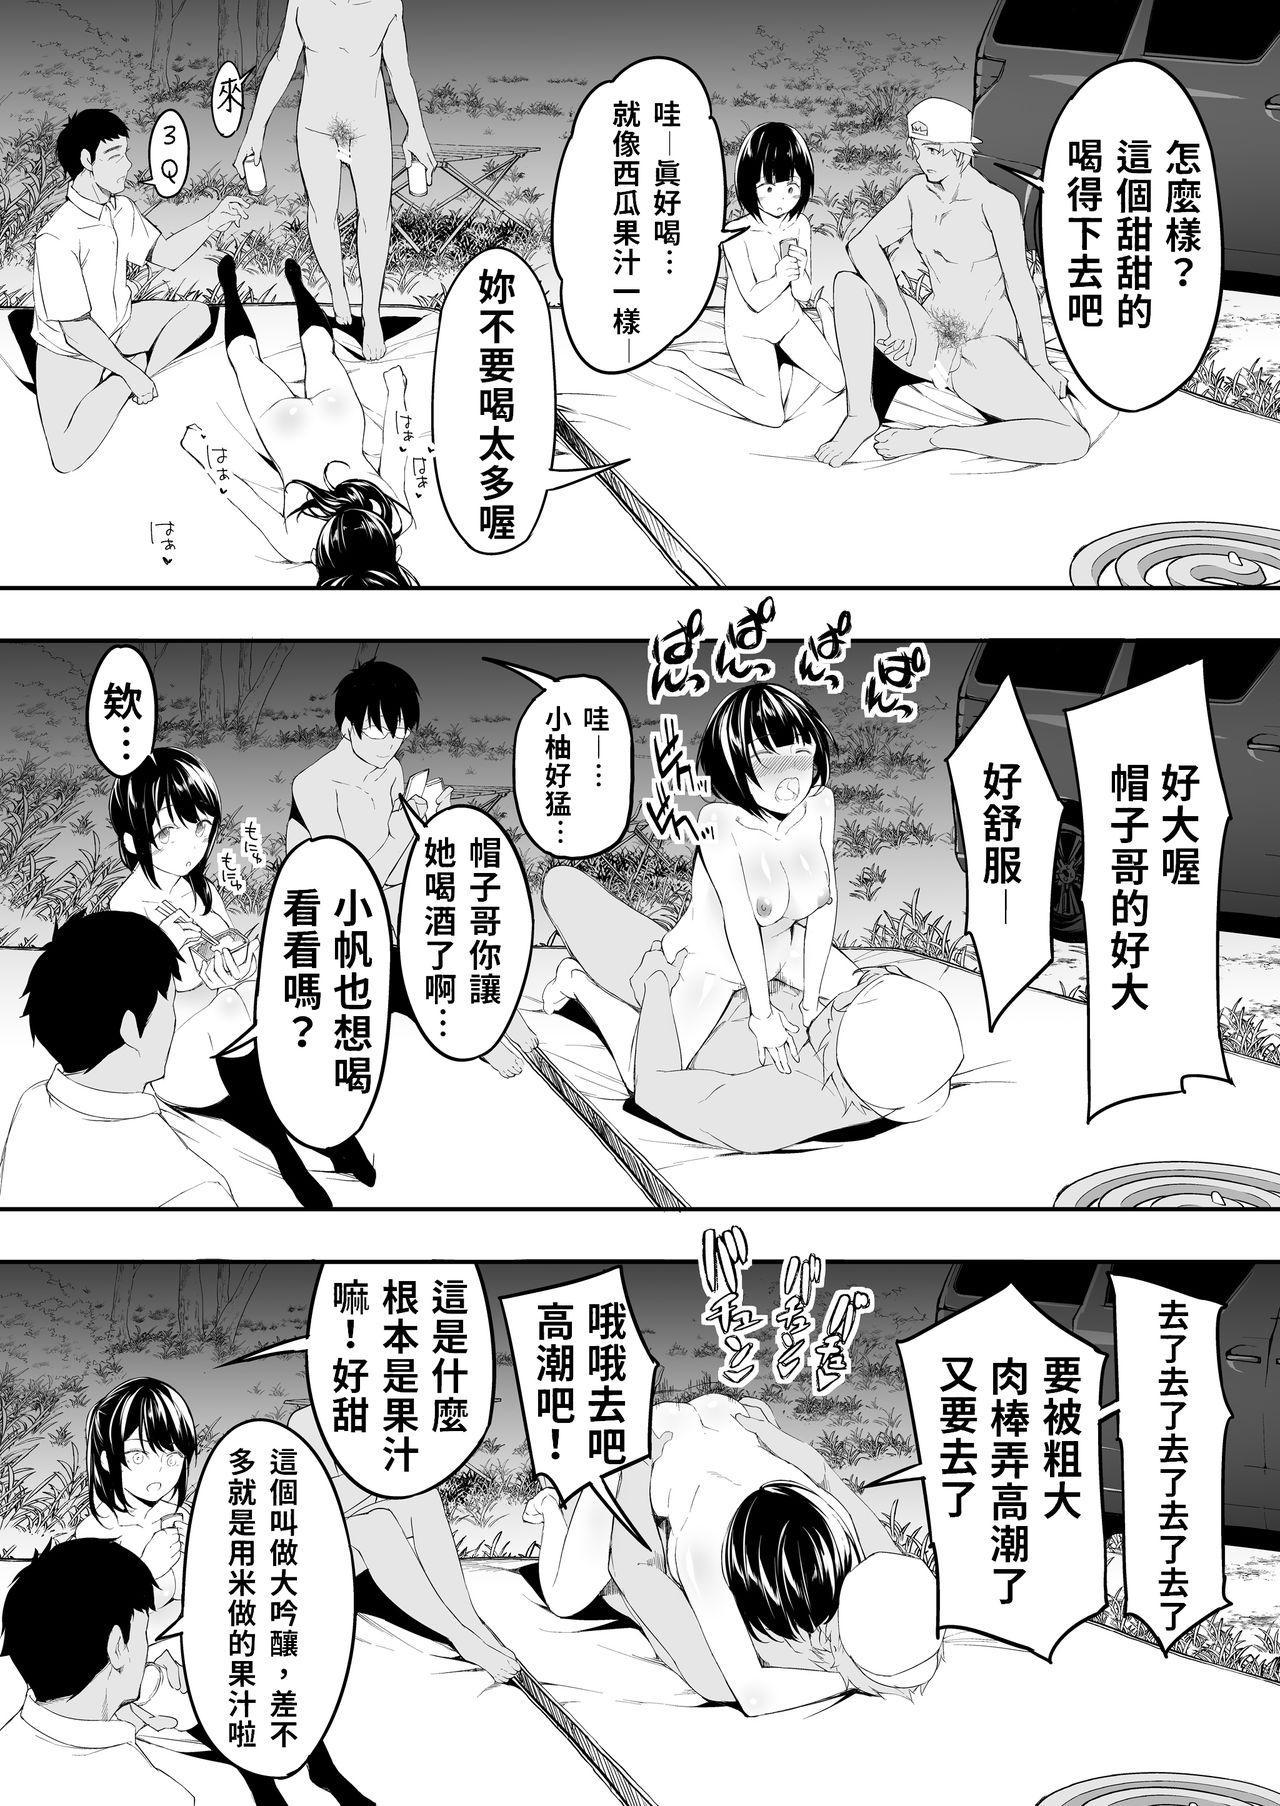 Panpan Travelers Hakata Shuudan Rape Ryokou | 吃飯兼炒飯TRAVELERS~博多集團強●旅行 110